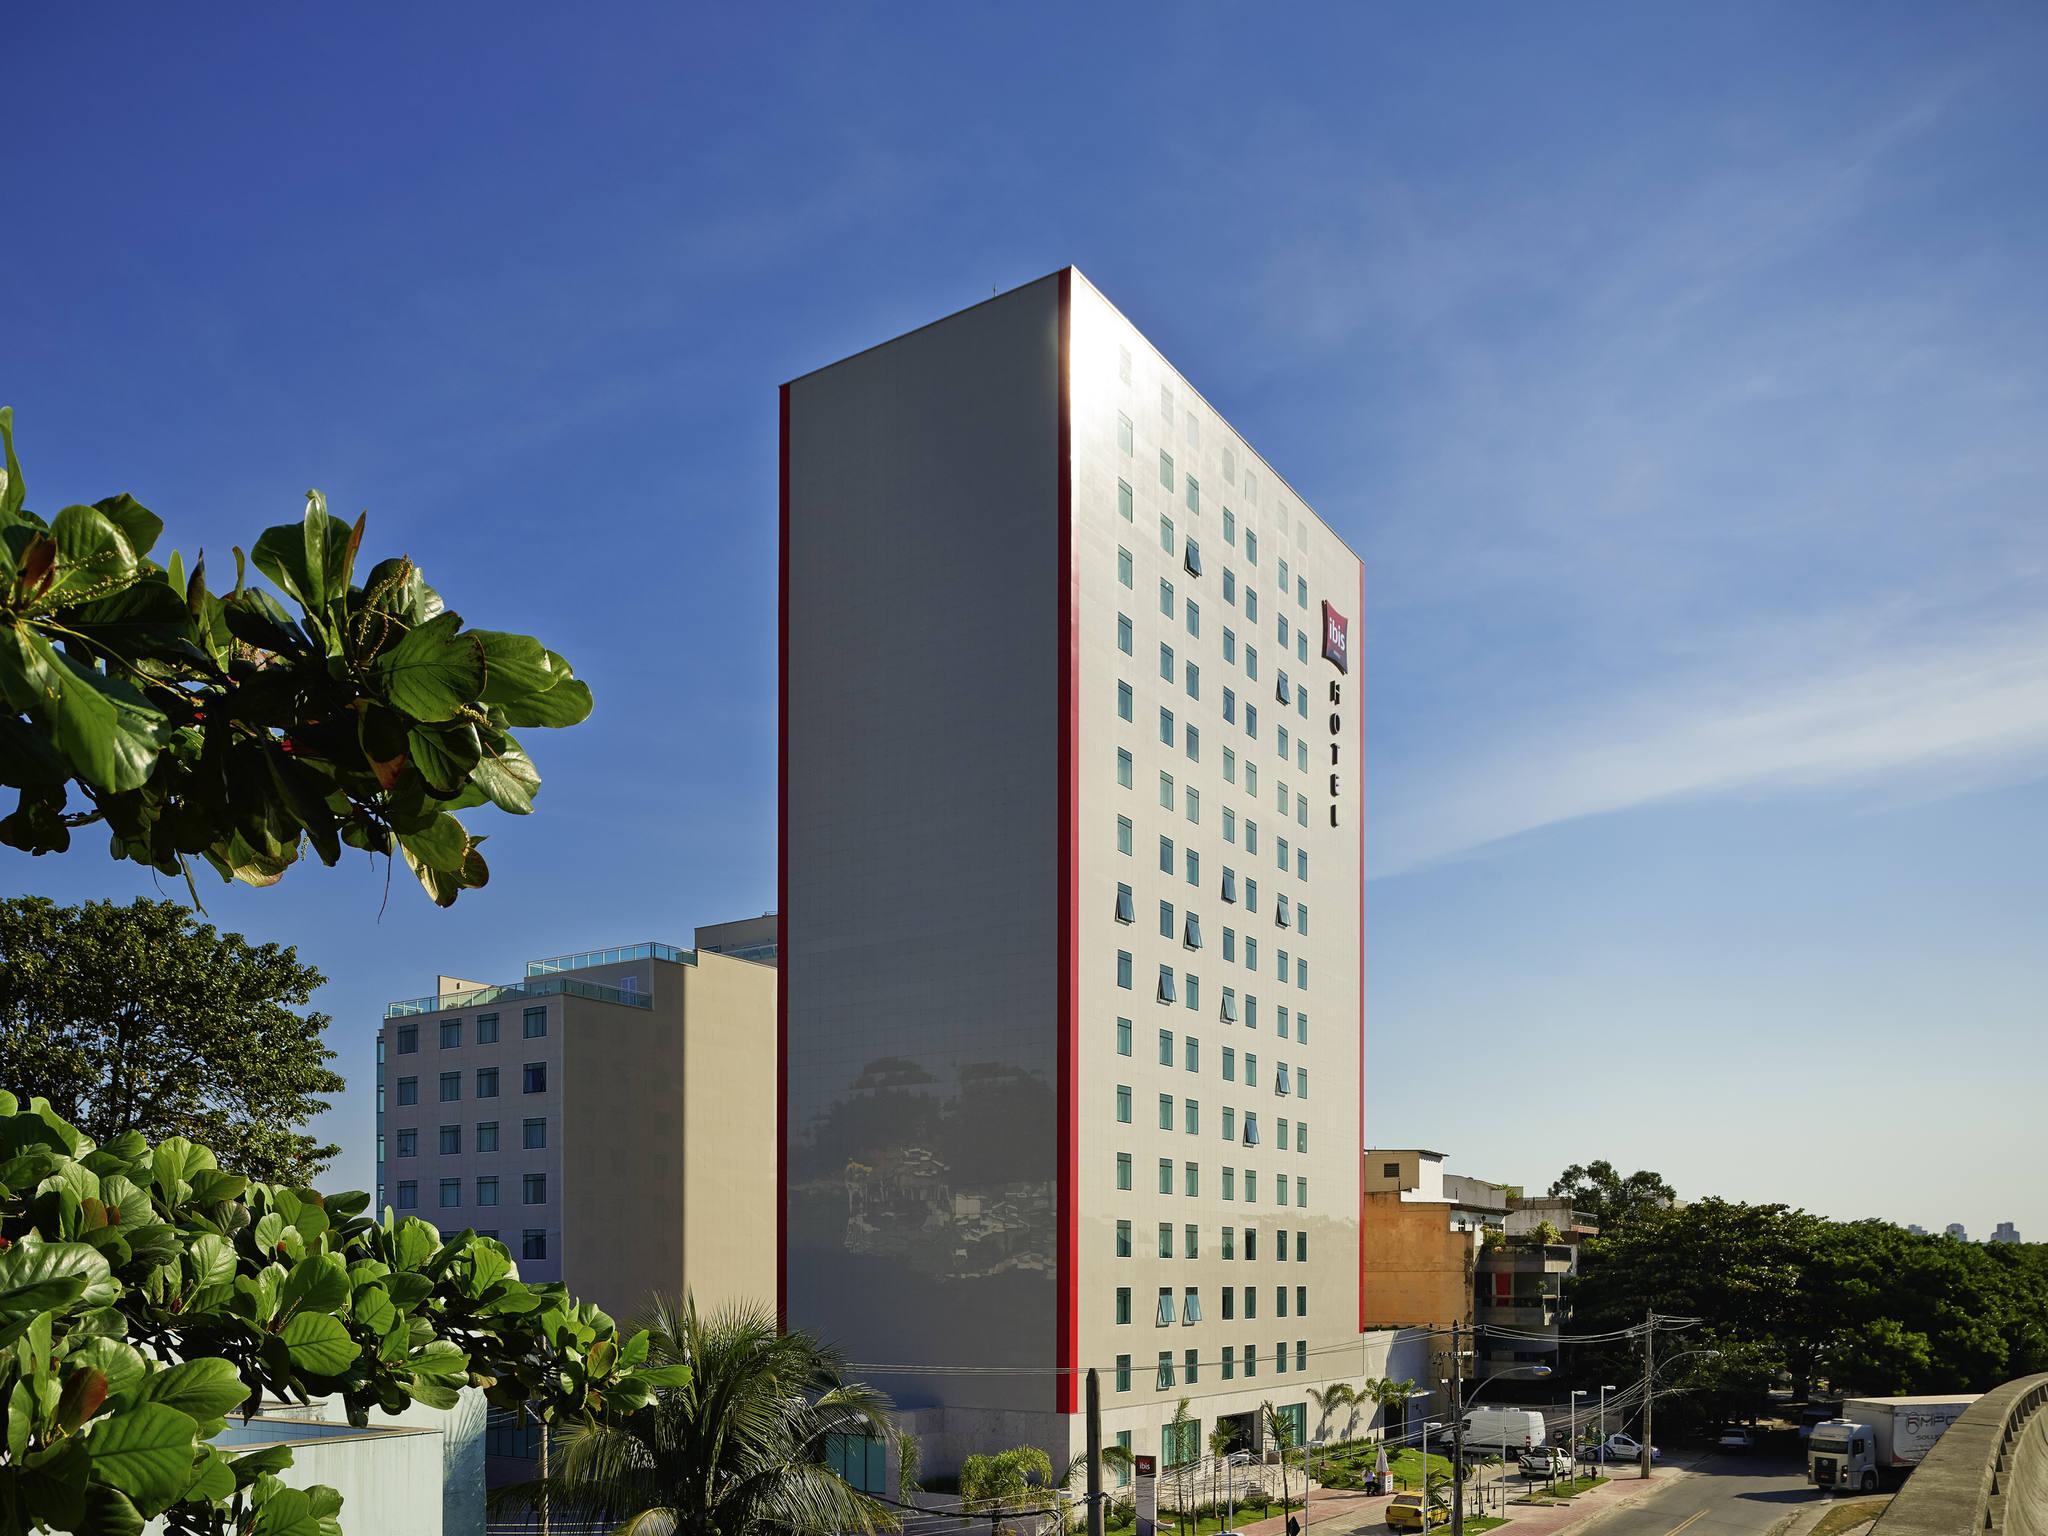 酒店 – 宜必思里约热内卢达蒂茹卡区酒店